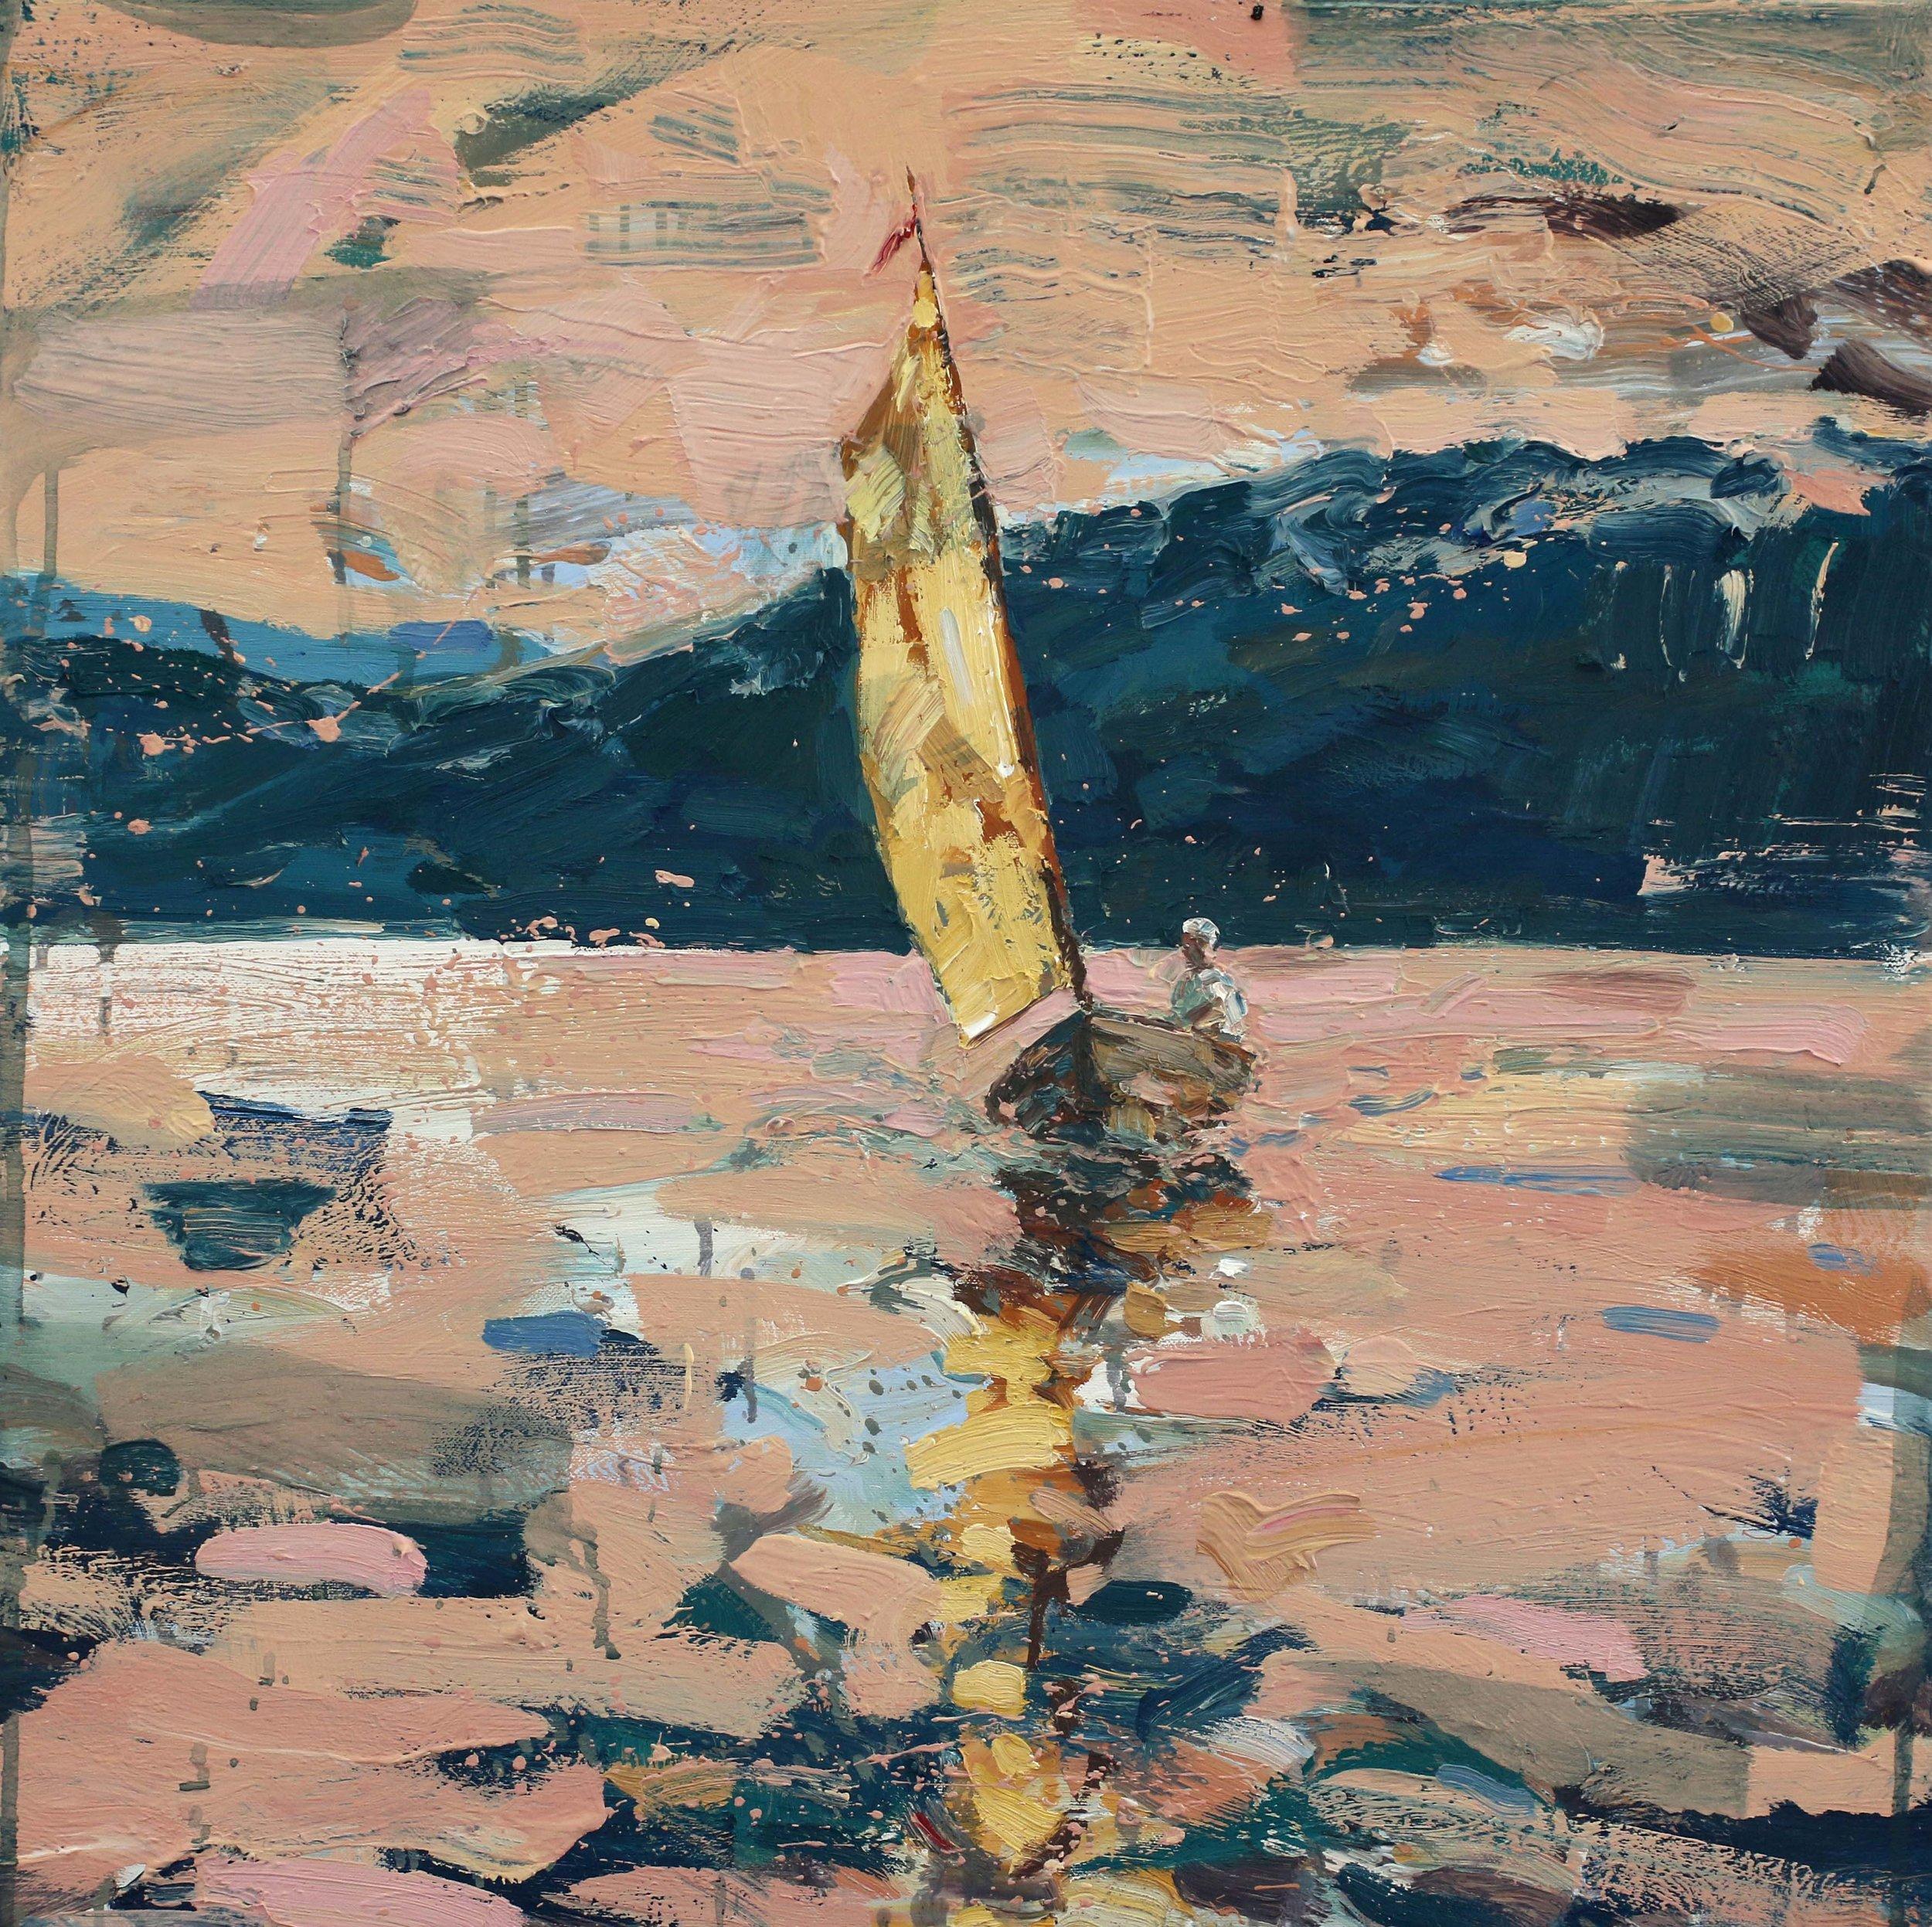 Frihetens øyeblikk – 70x70 cm – Eggoljetempera på lerret –  Galleriet ved havet